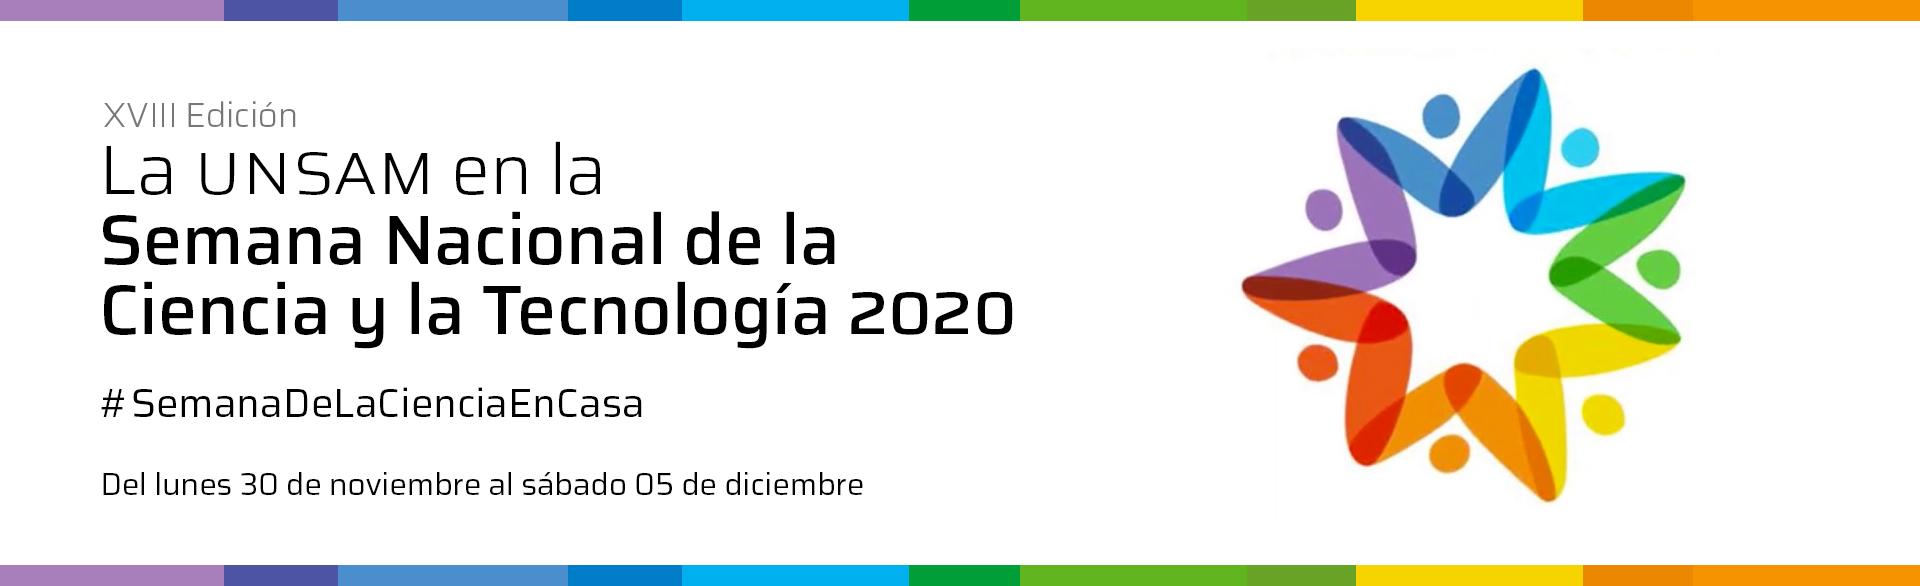 Semana Nacional de la Ciencia y la Tecnología 2020